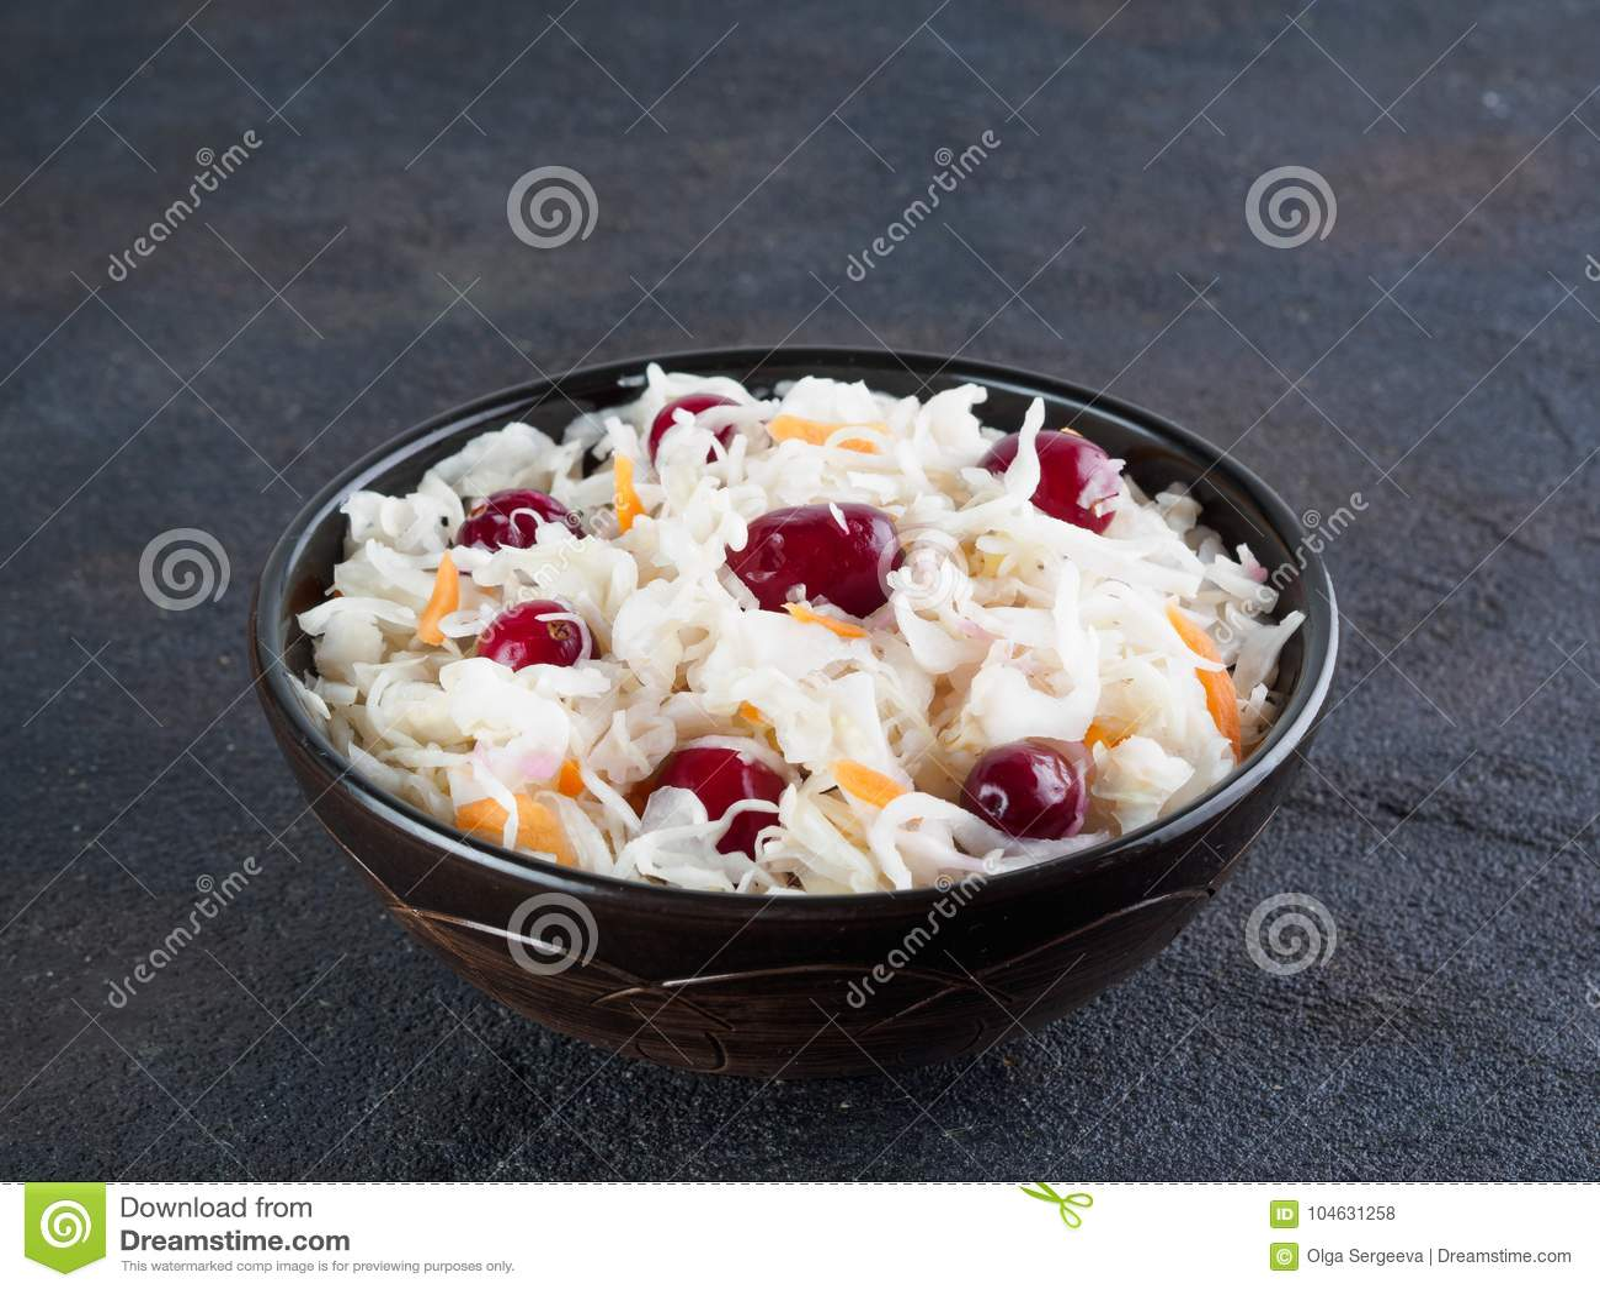 Download Zuurkool Met Amerikaanse Veenbes En Wortel Stock Foto - Afbeelding bestaande uit voedsel, donker: 104631258